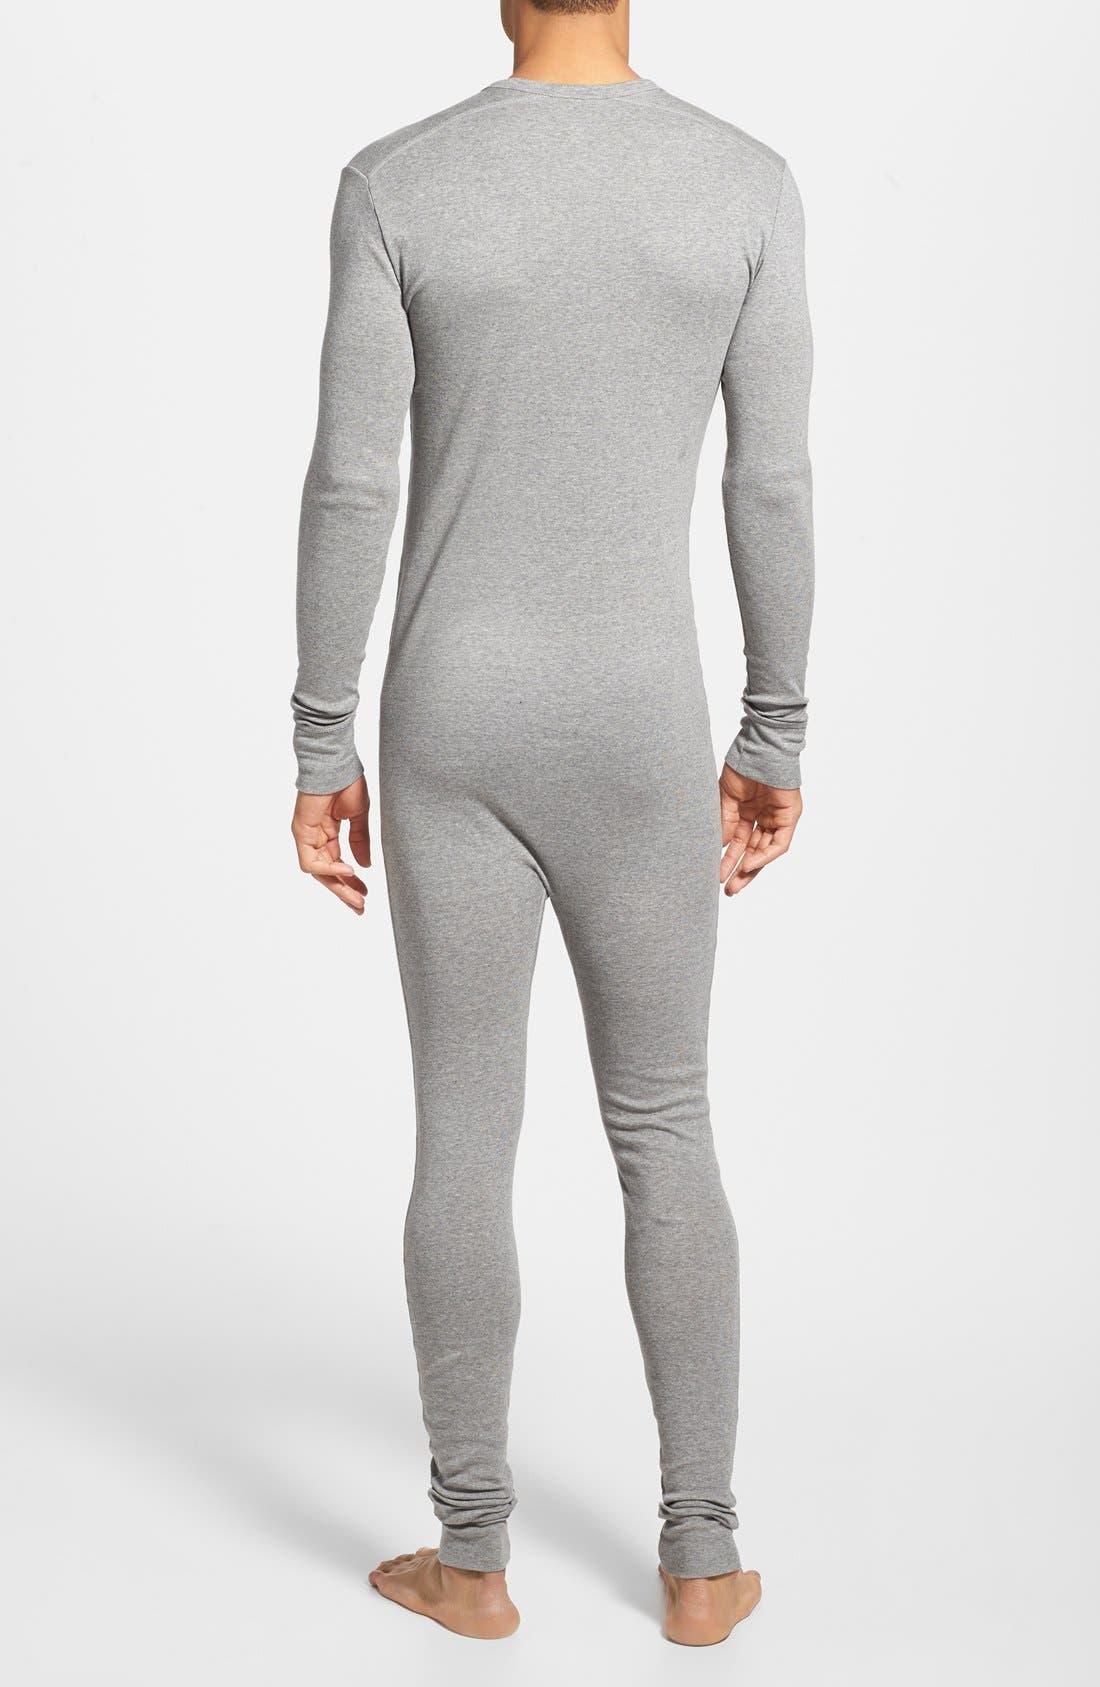 'Tartan' Union Suit,                             Alternate thumbnail 3, color,                             062